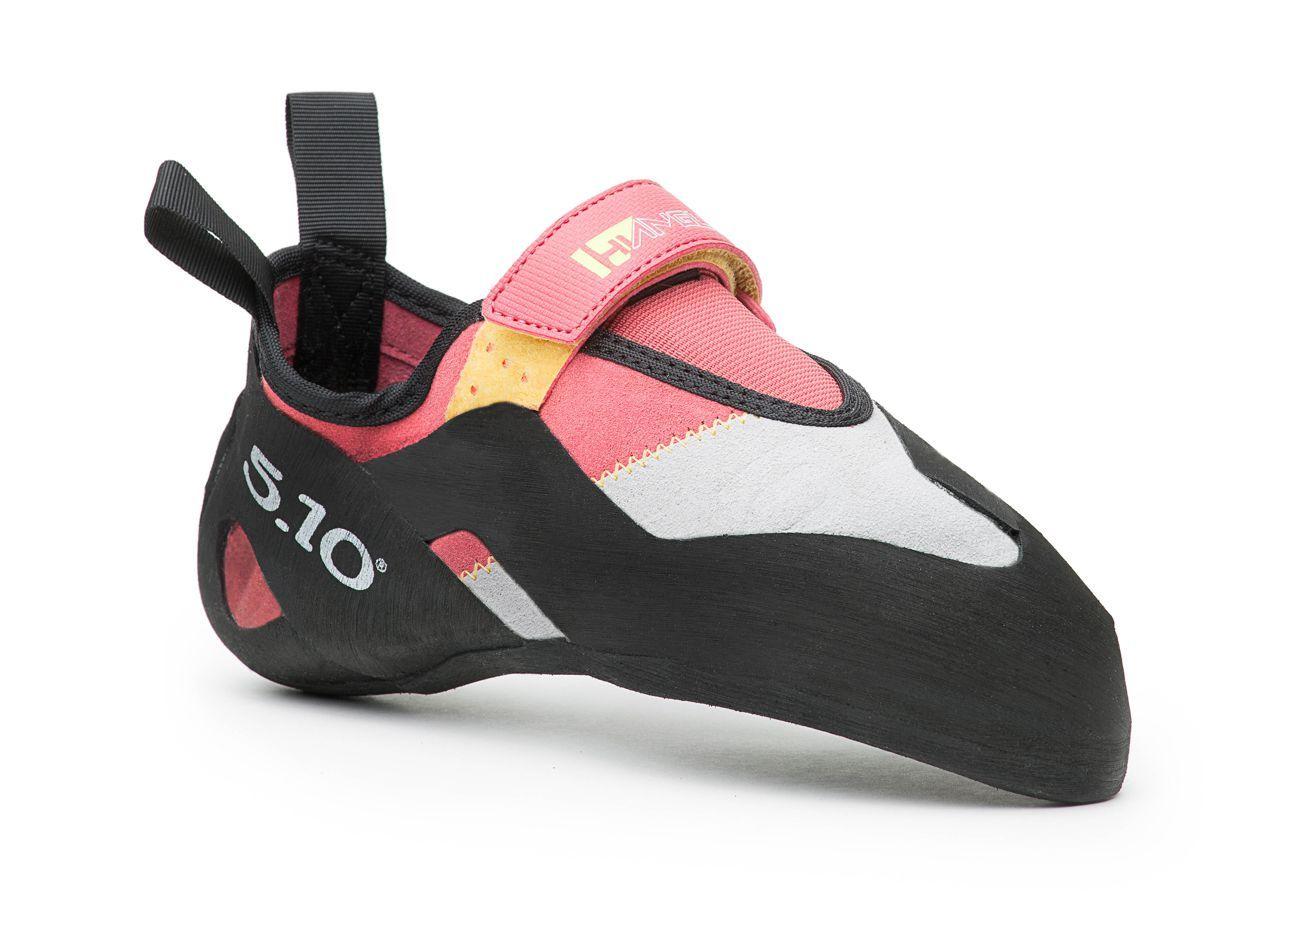 Rock climbing shoes, Climbing shoes